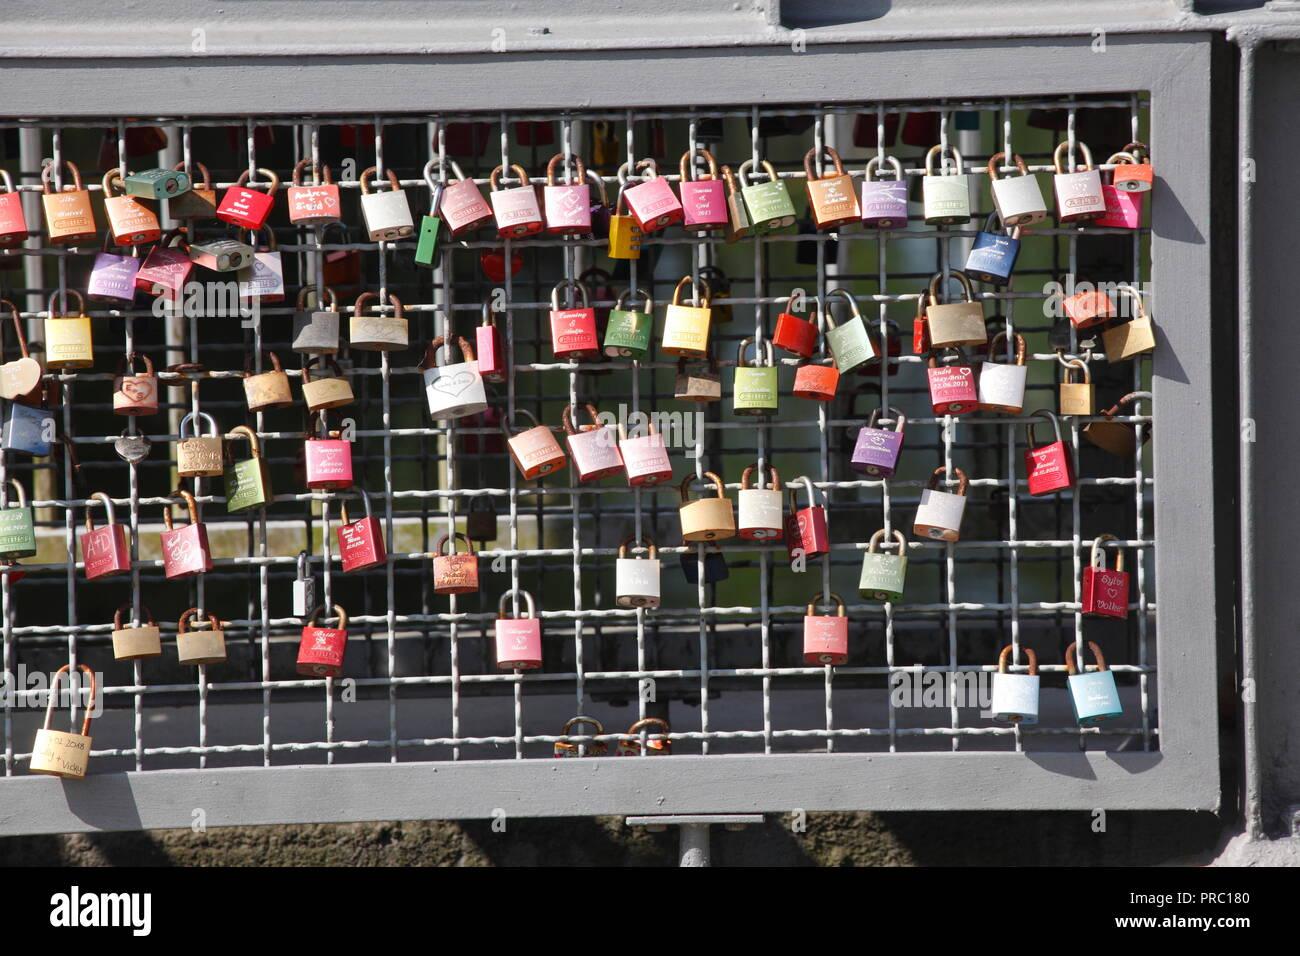 Bunte liebe Schlösser auf einer Brücke Geländer, Buxtehude, Niedersachsen, Deutschland, Europa ich Bunte Liebesschlösser ein einem Brückengeländer, Buxtehude, Niede Stockfoto